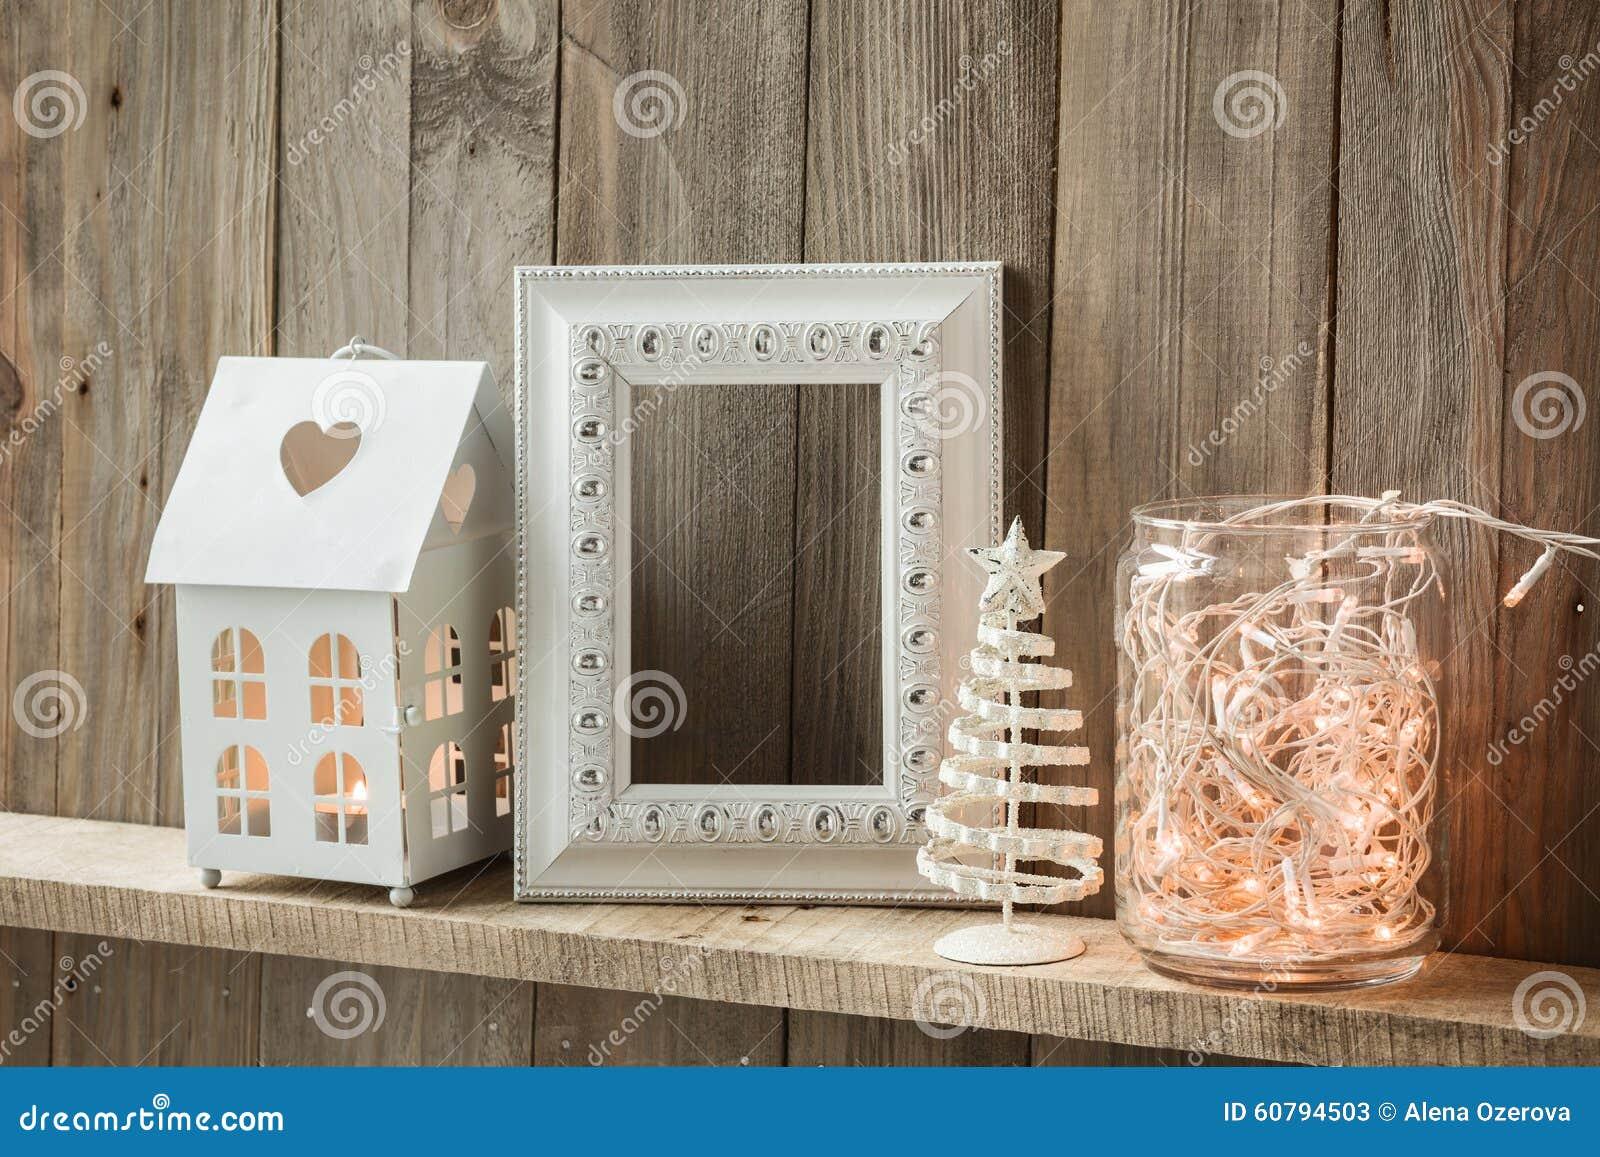 Christmas Home Decor Stock Photo Image 60794503